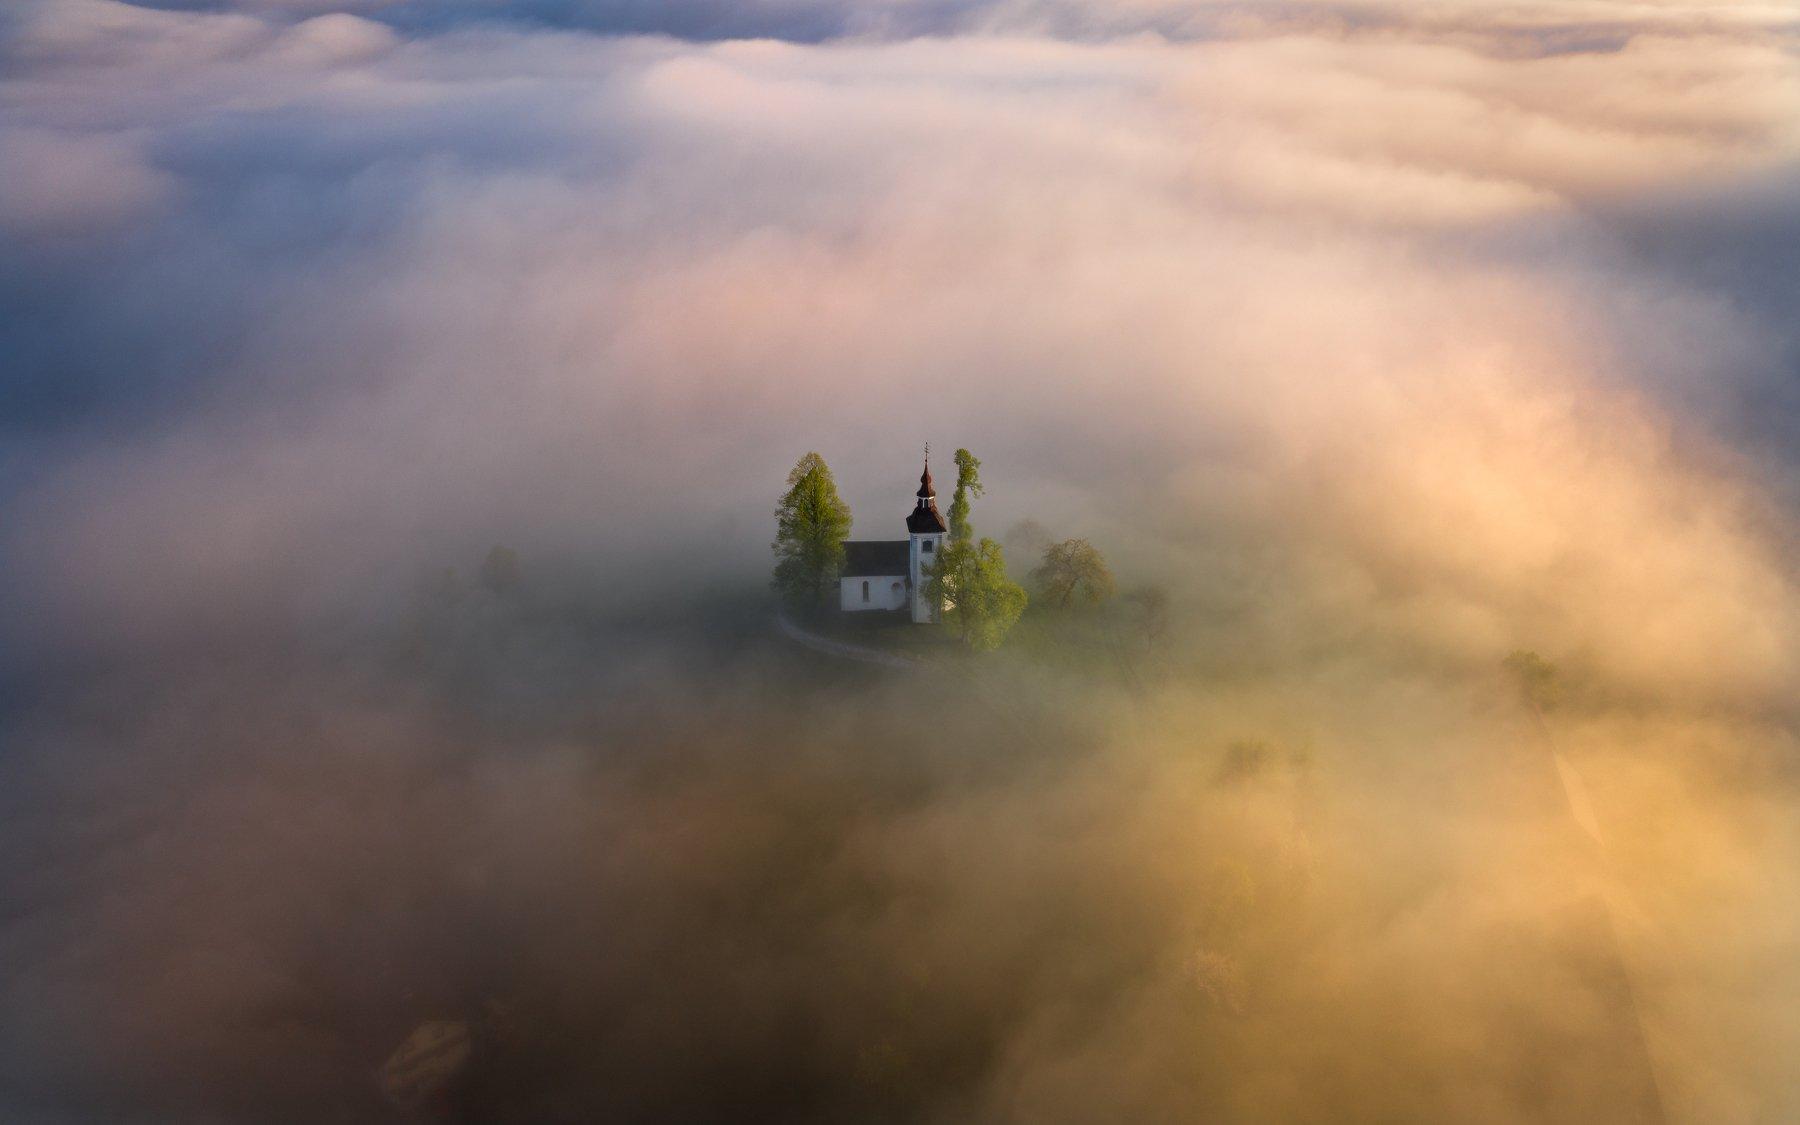 slovenia, alps, dusk, morning, landscape, словения, альпы, утро, пейзаж, Дмитрий Иванов